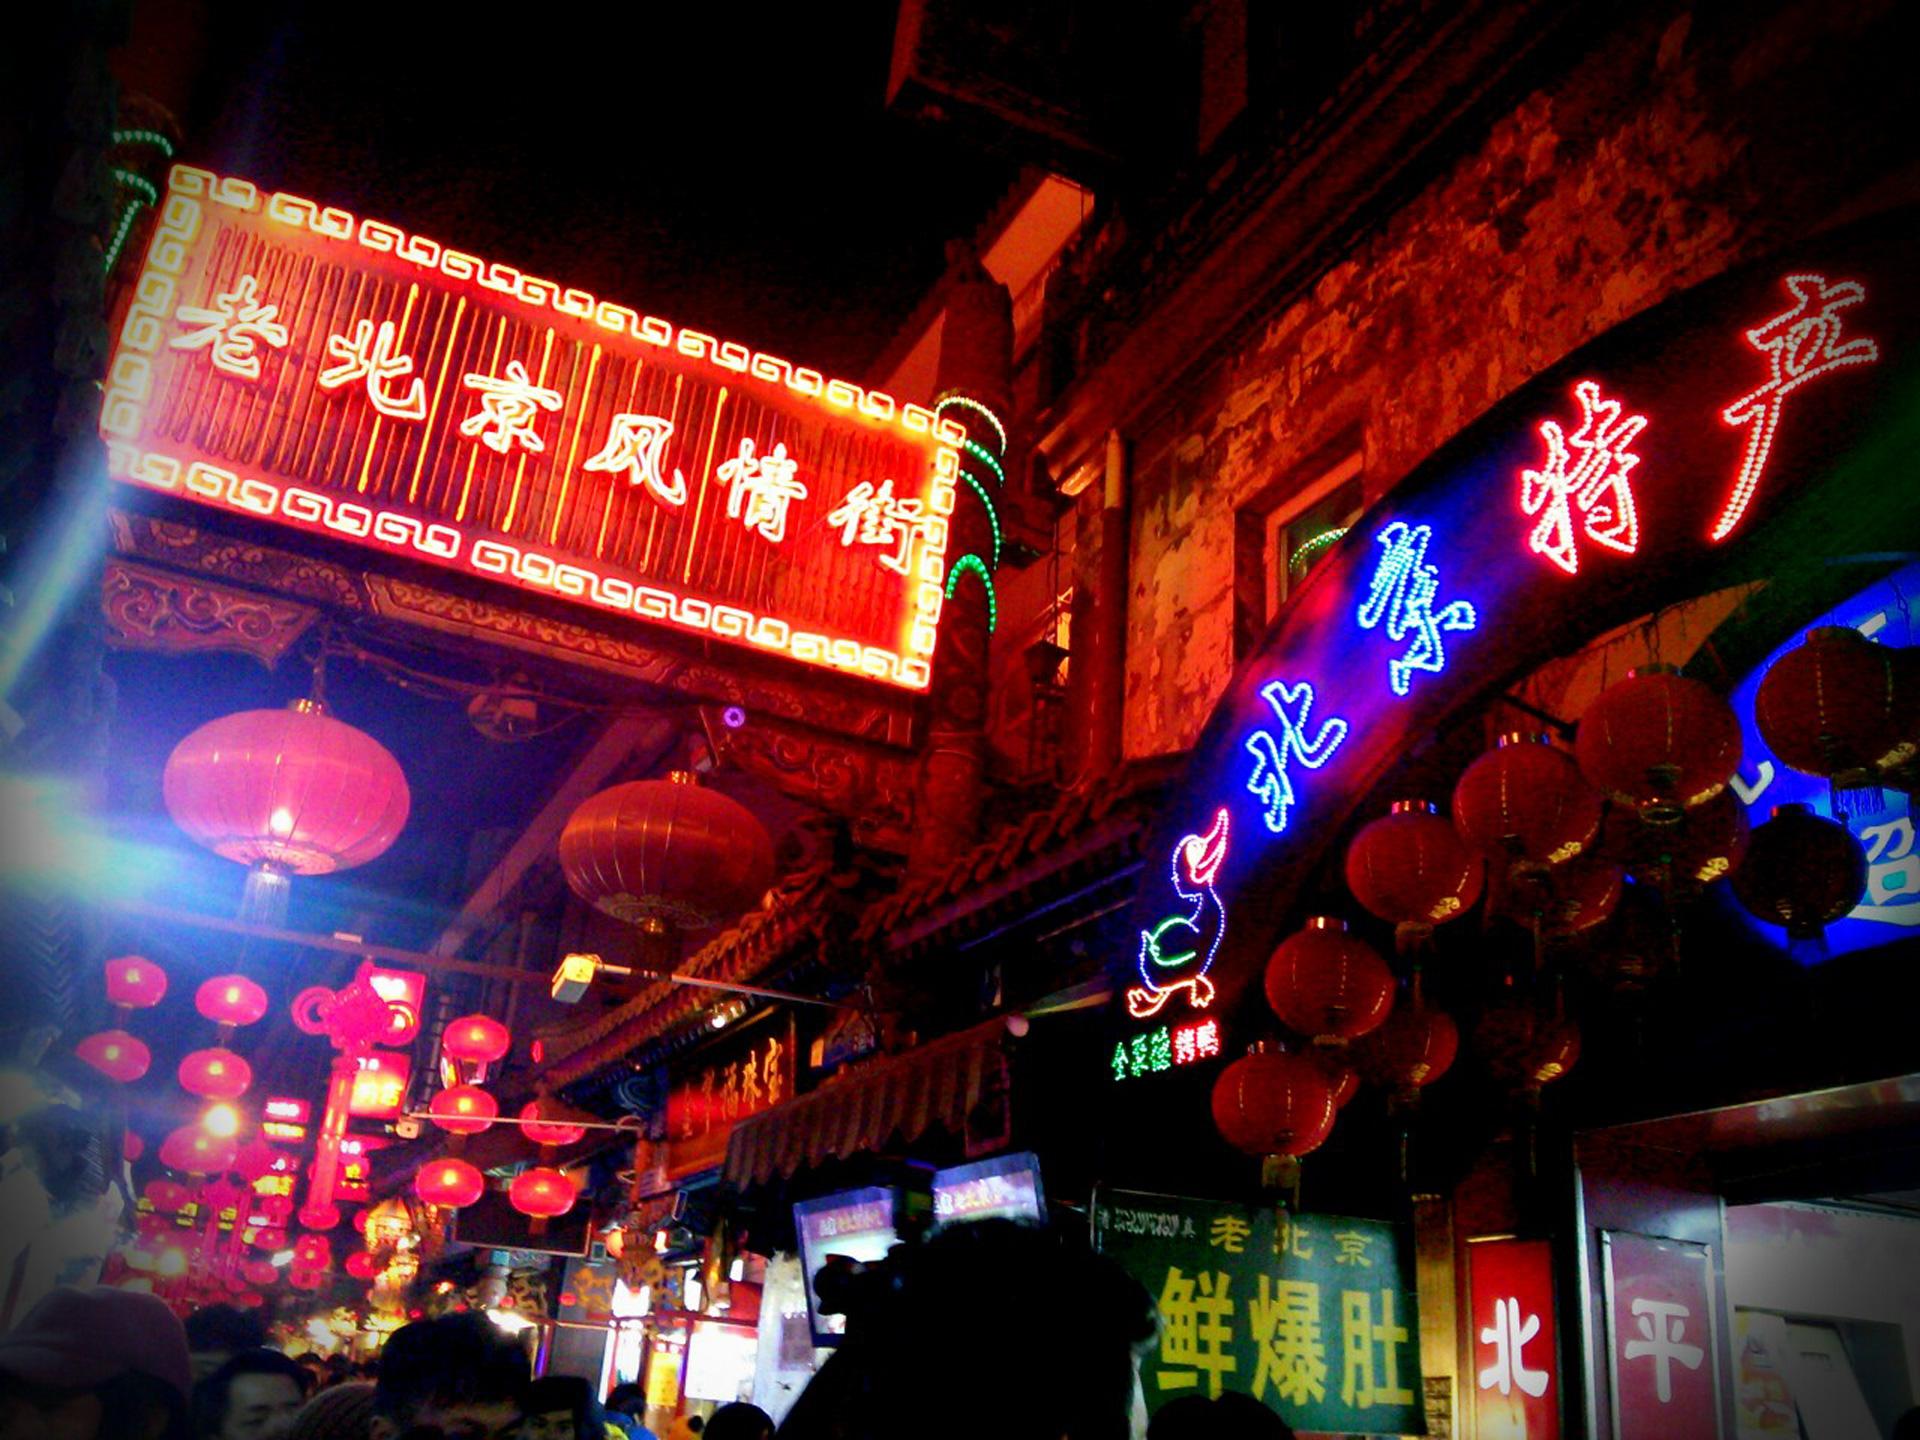 老北京風情街(ロウペキンフゼイガイ)では北京の伝統的な小吃(シャオチー)が味わえる屋台などが並び、毎夜賑わっています。